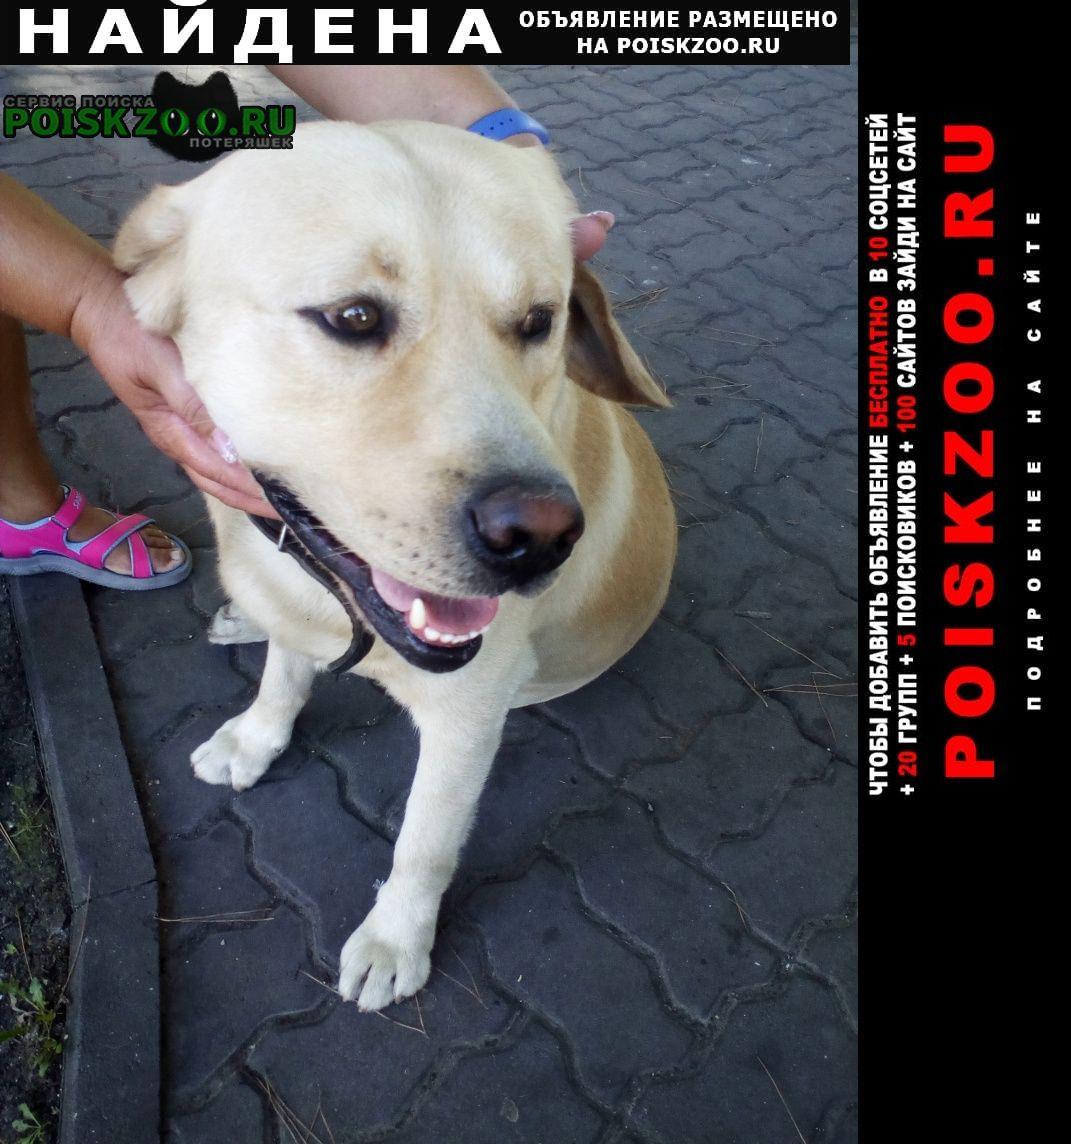 Найдена собака находится возле администрации Анапа